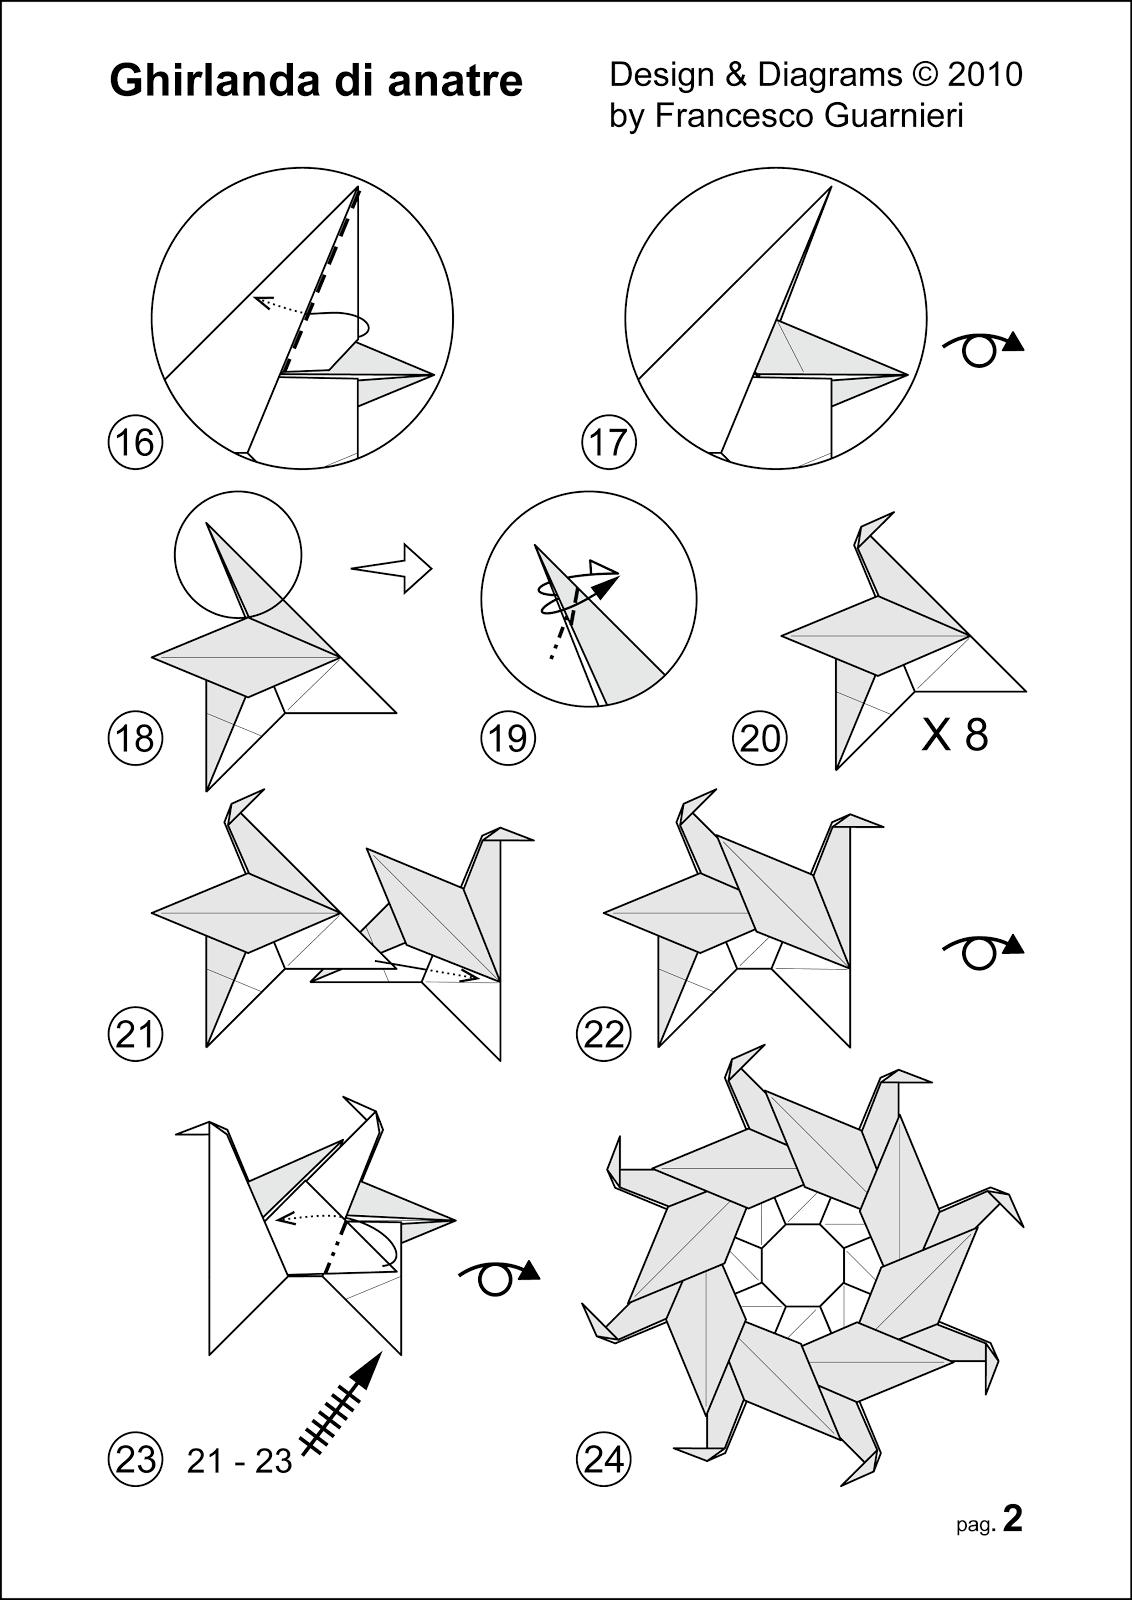 Diagrams Pag 2 Ghirlanda Di Anatre